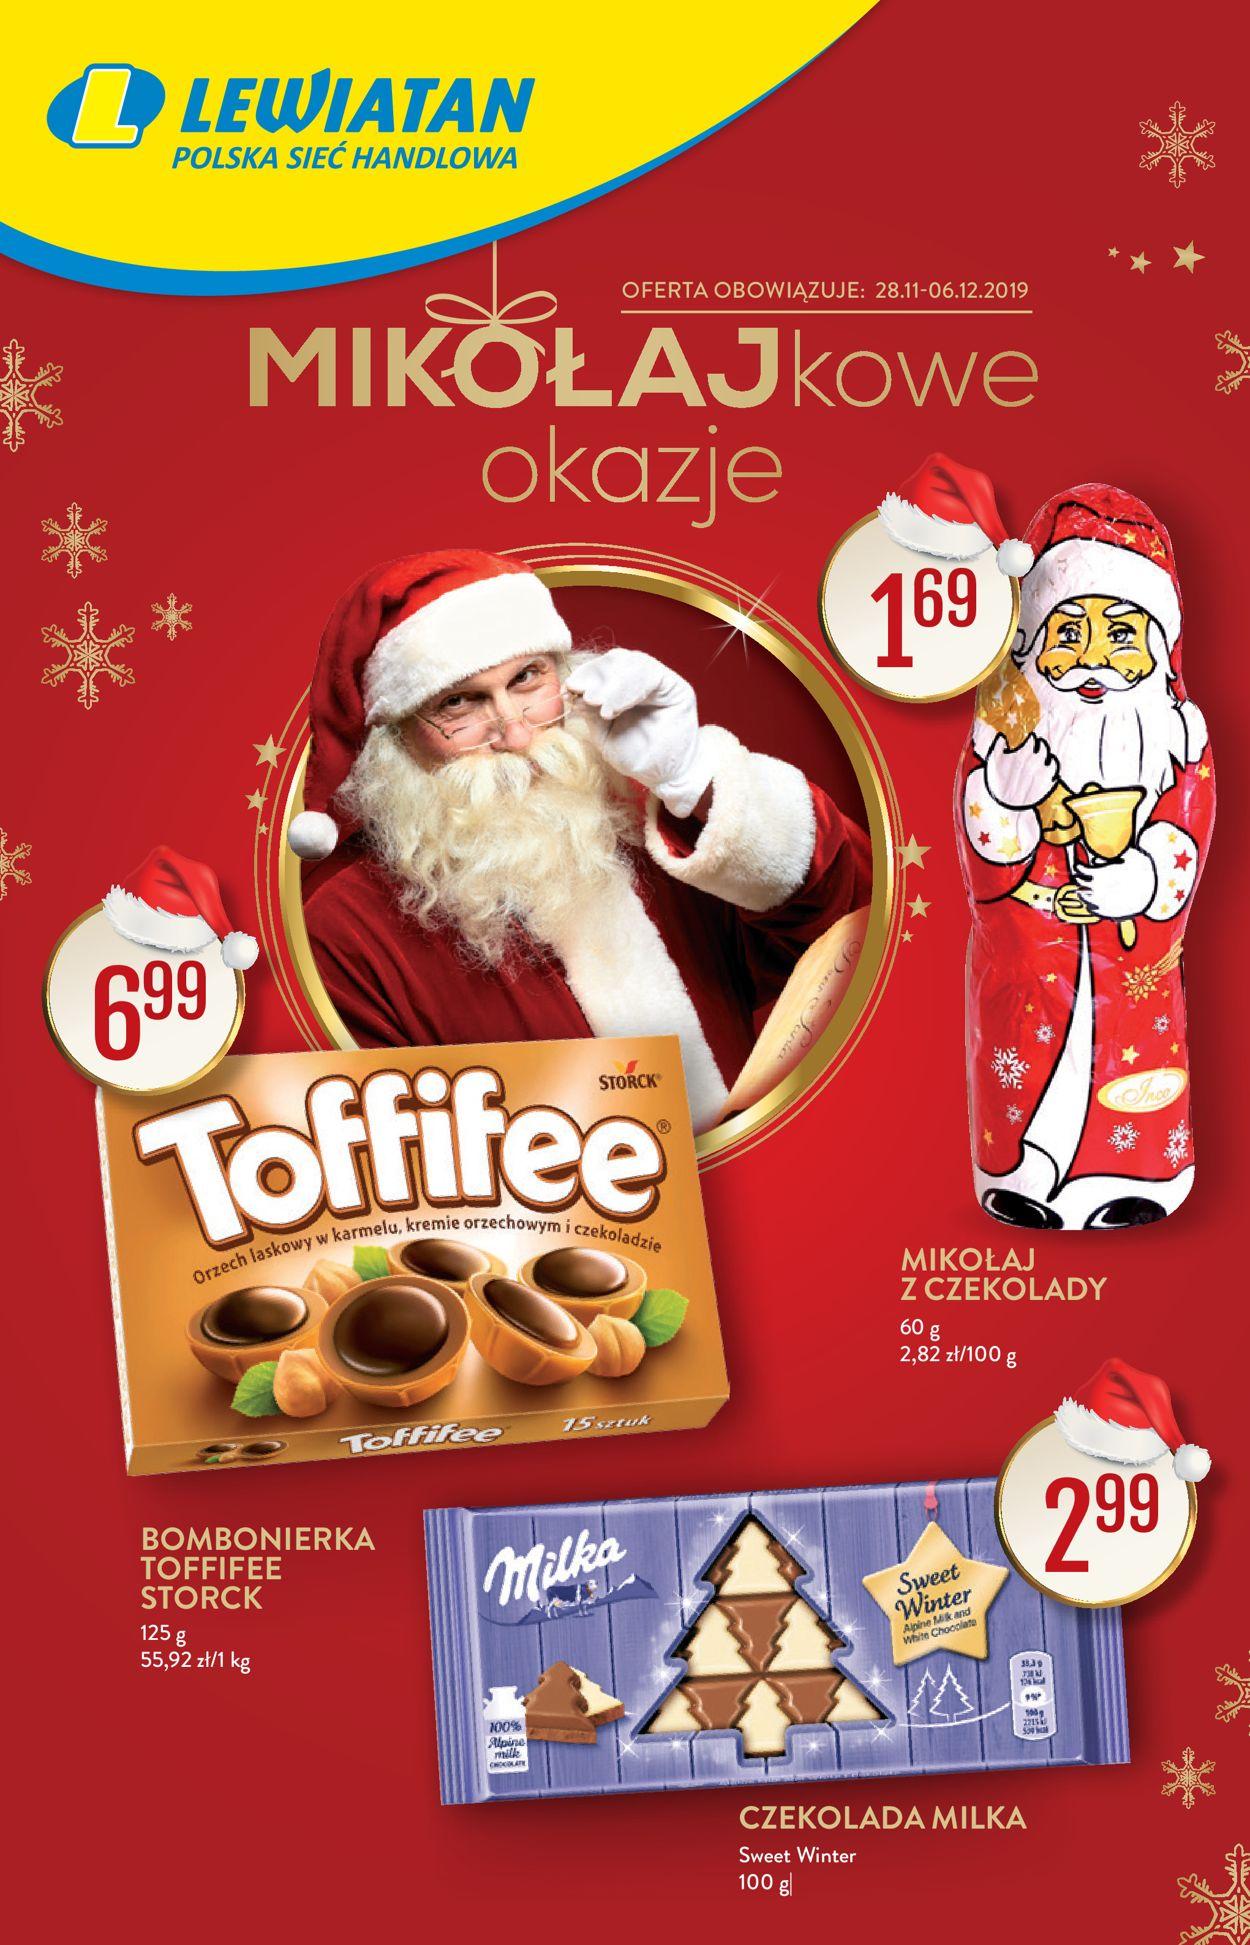 Gazetka promocyjna Lewiatan - Mikołajki 2019 - 28.11-06.12.2019